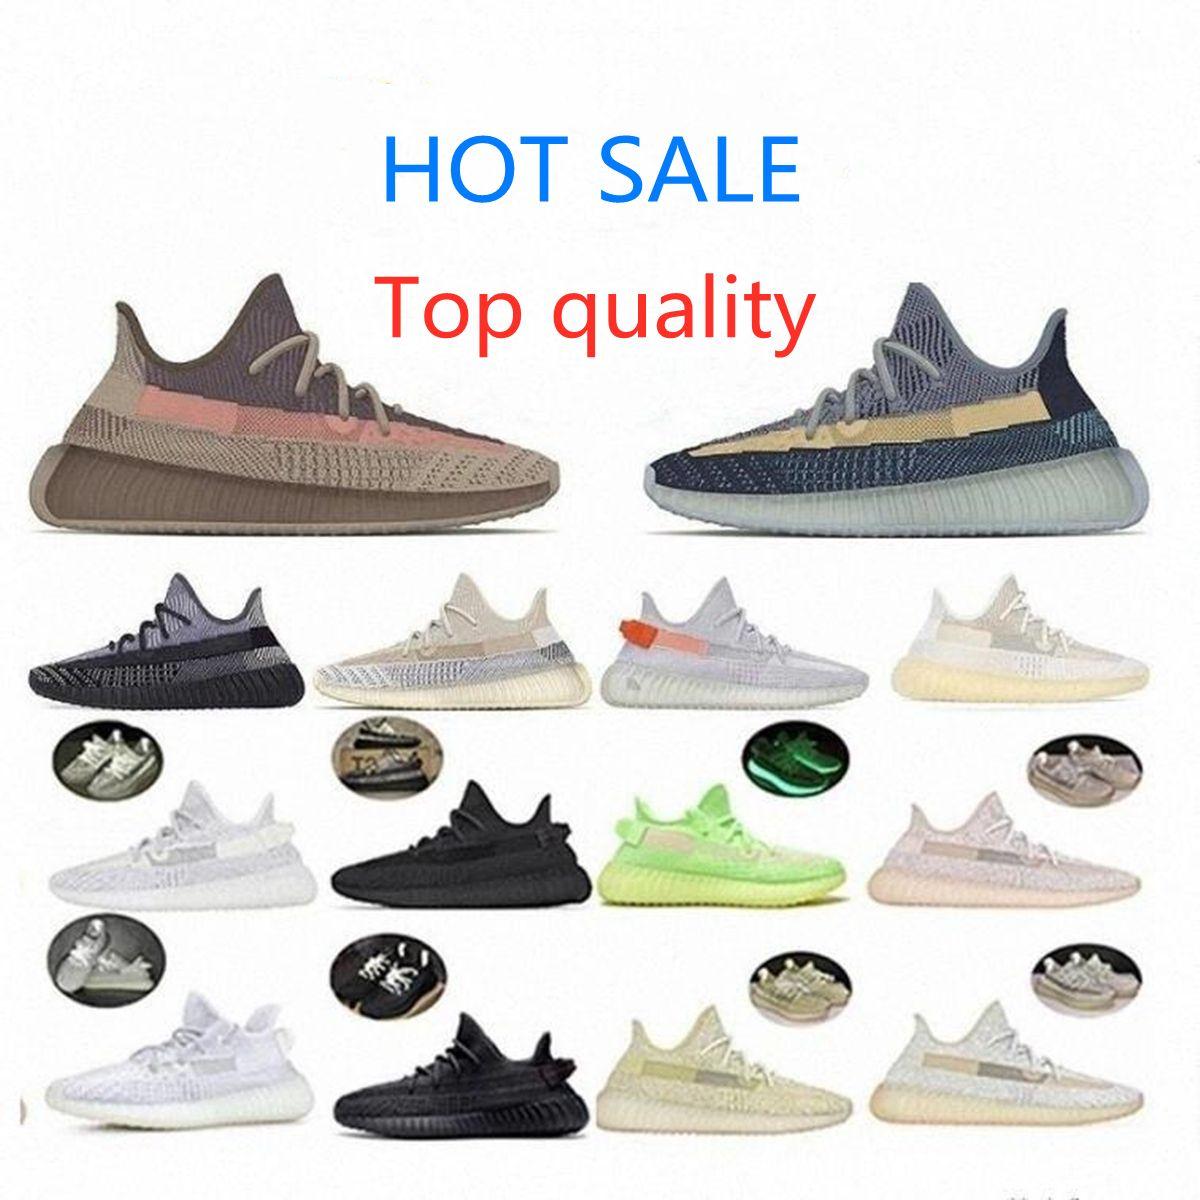 Высокое качество 2021 Kanye West Men Женщины запускают Обувь ISRAFIL Черный Земля Асриэль Зебра черные белые Статические мужские кроссовки Спортсмер 36-45